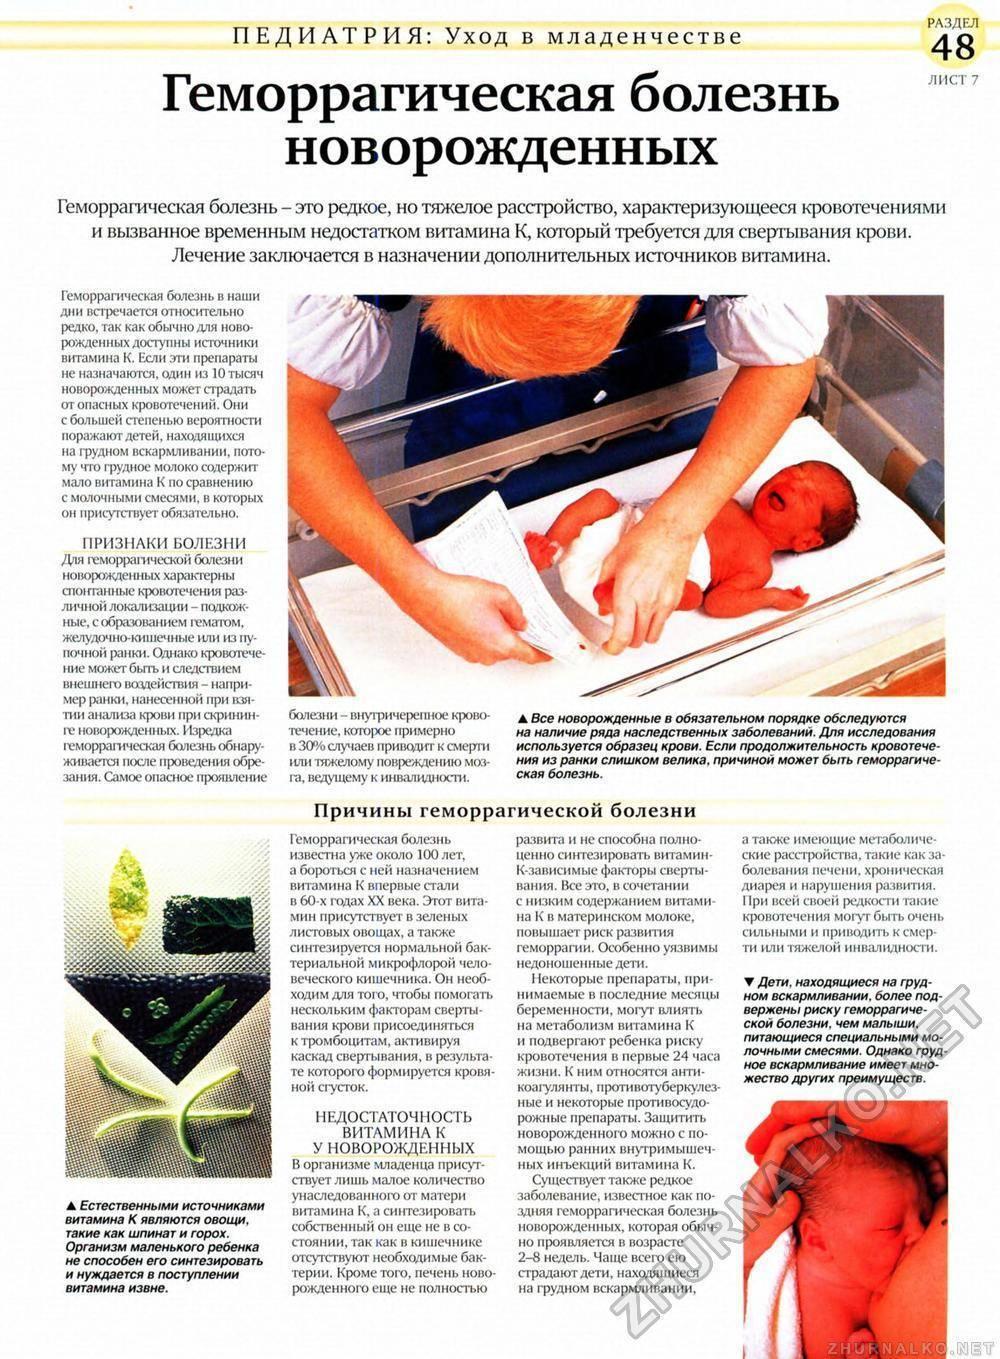 Геморроидальная болезнь у новорожденных последствия и лечение